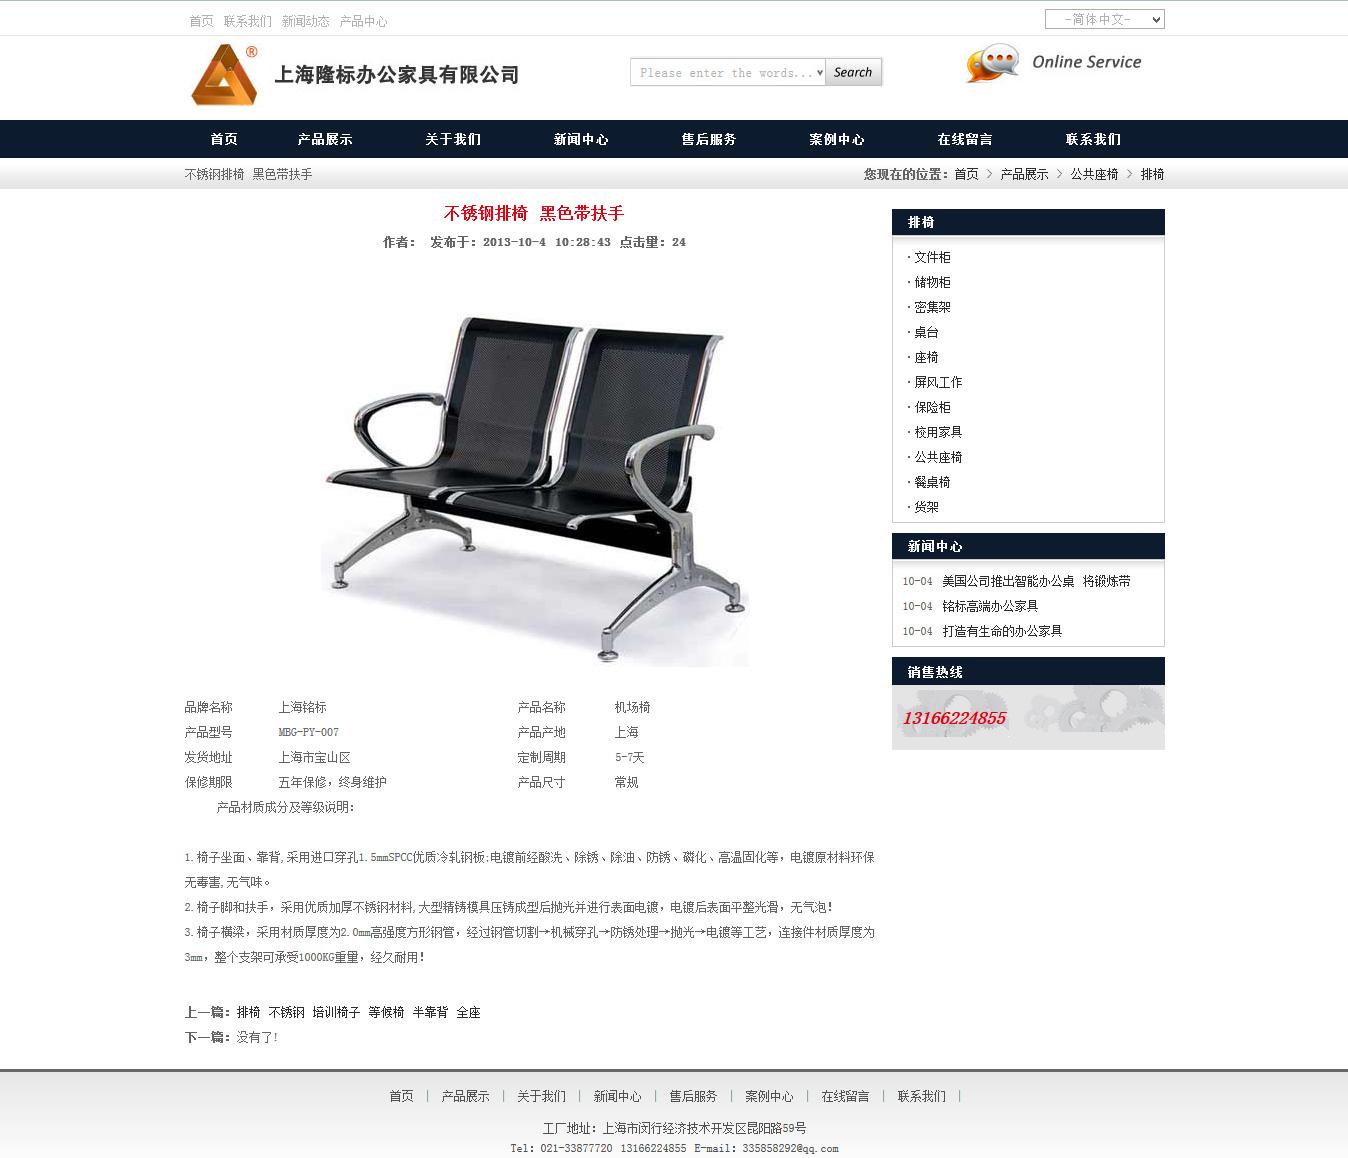 产品展示页